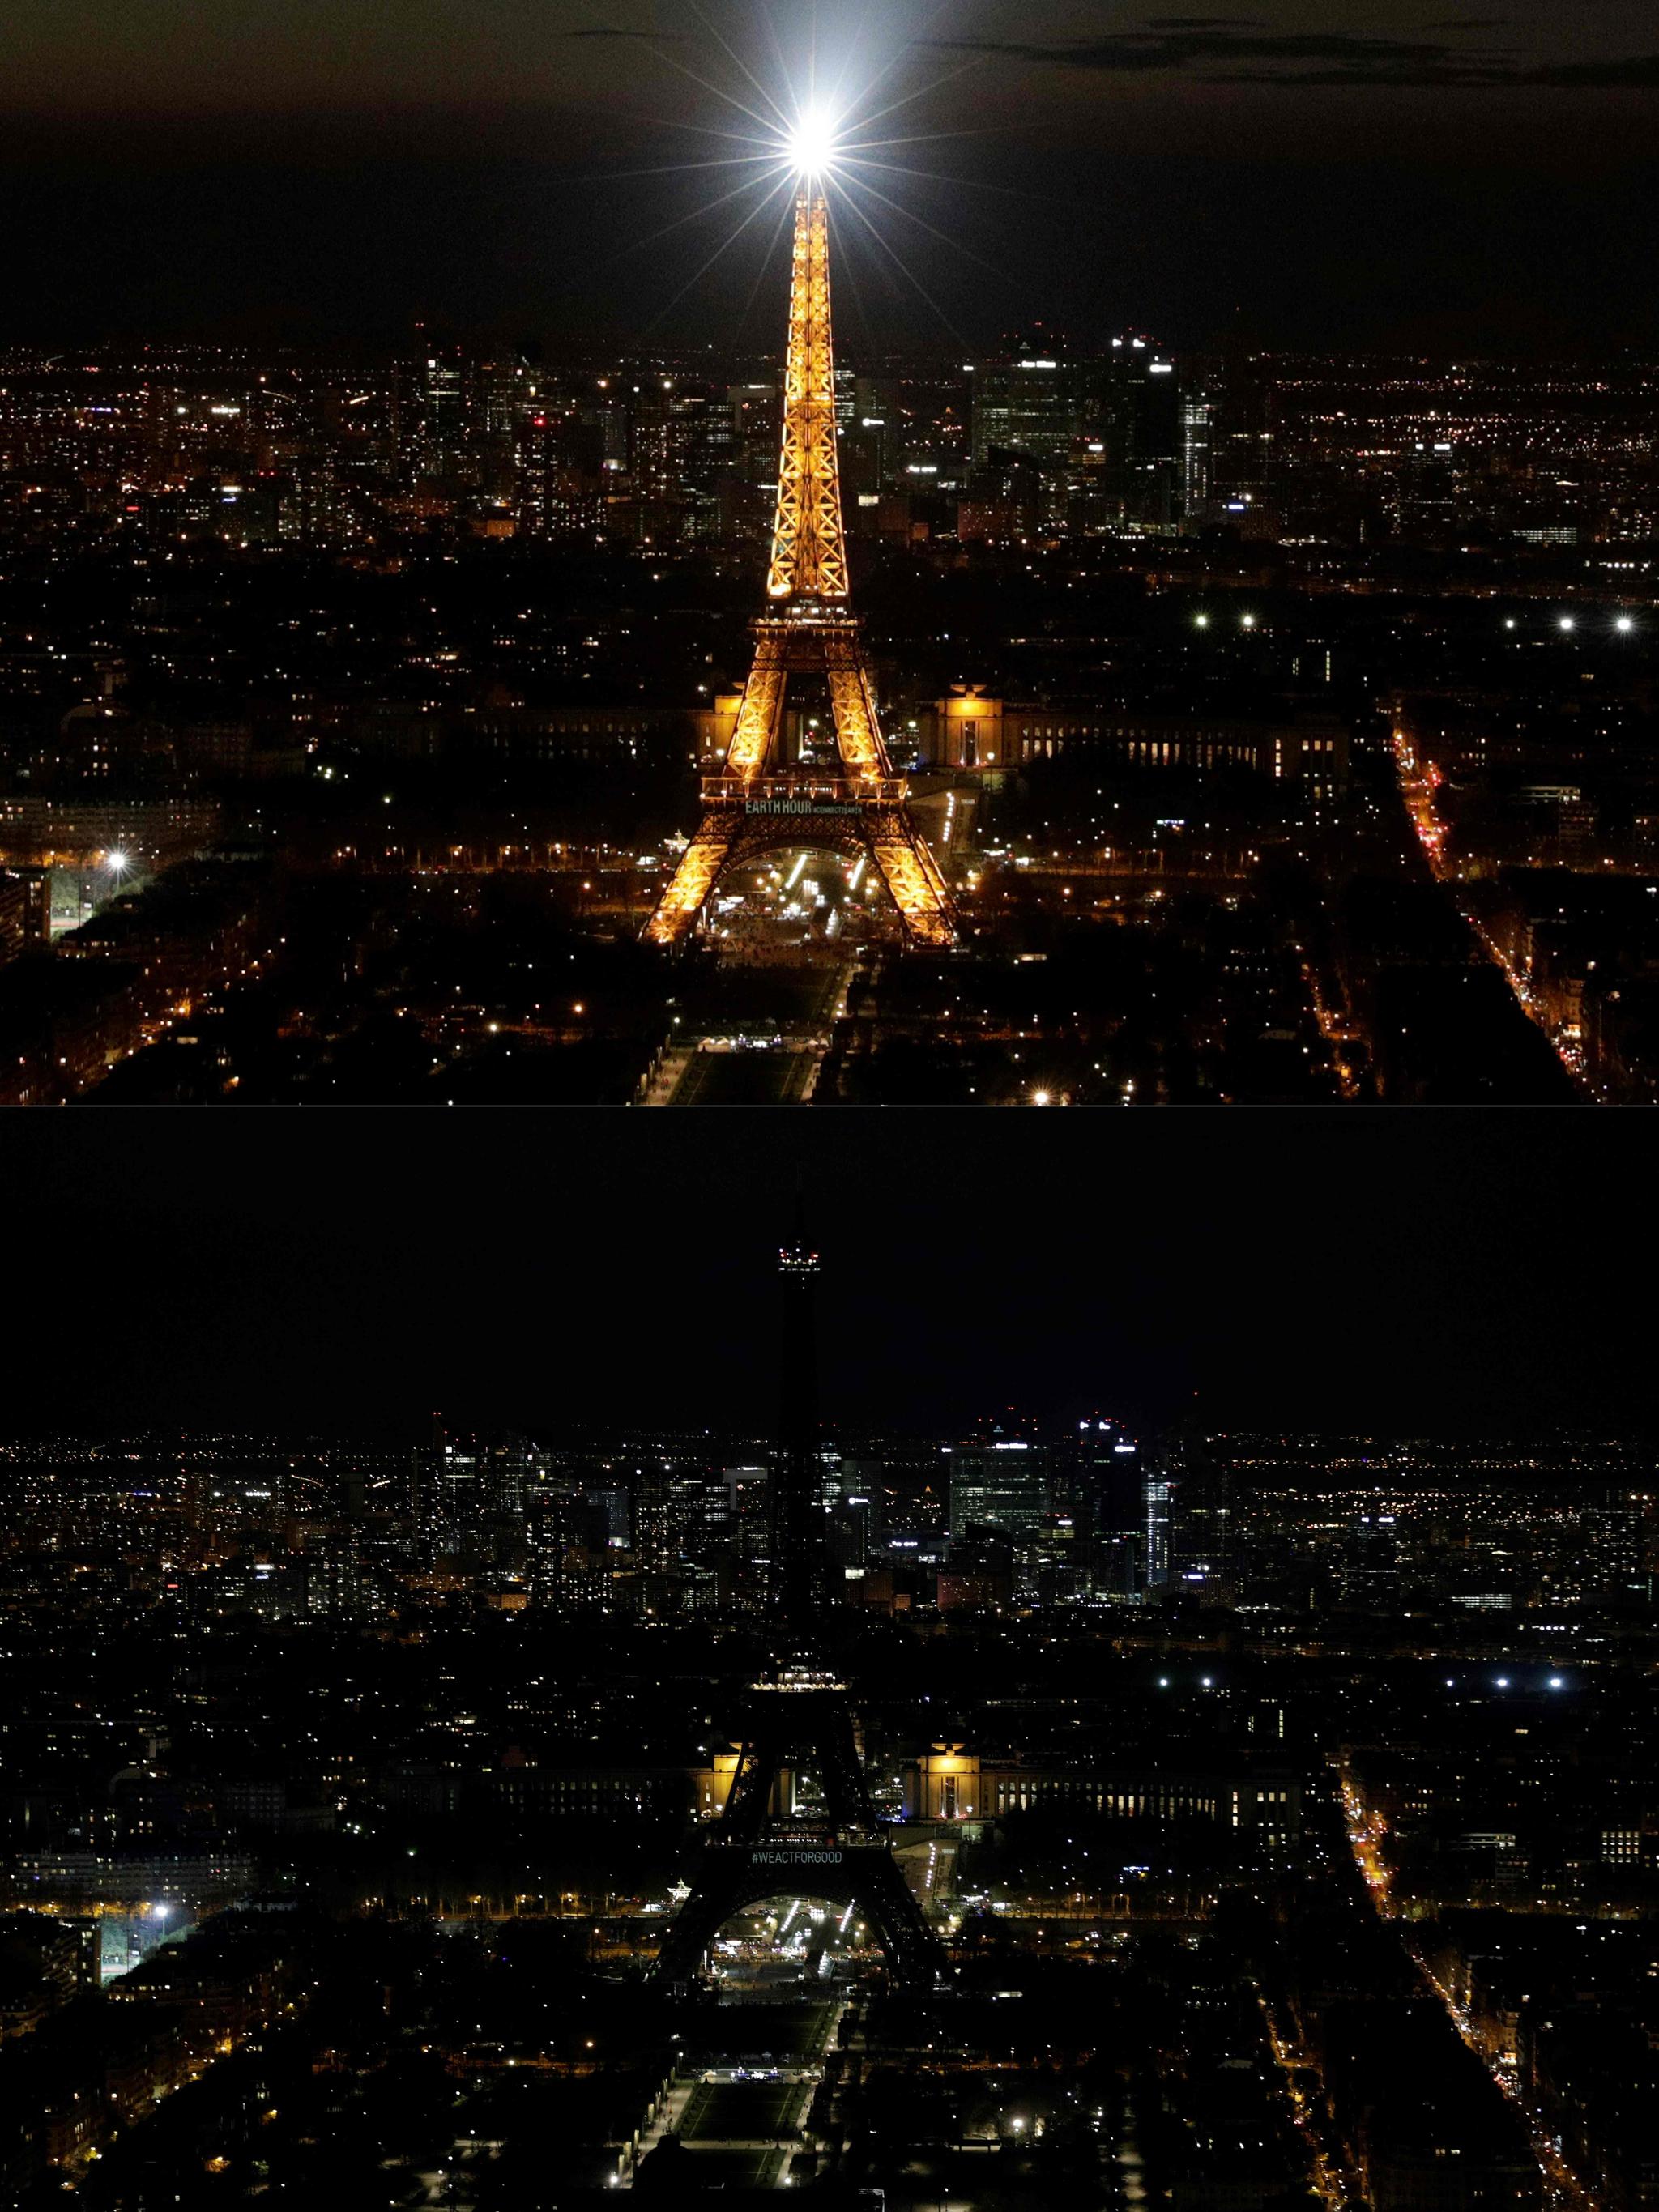 30일 밝게 빛나던 프랑스 파리의 에펠탑 조명이 '어스아워' 캠페인 시간에 맞춰 꺼져있다. 세계최대의 자연보전 캠페인의 하나인 '어스아워'는 기후변화와 지구온난화에 대한 시민들의 관심을 촉구하며, 전등을 끄고 지구에 한 시간 동안 휴식 시간을 주자는 취지로 시작됐다. [AFP=연합뉴스]